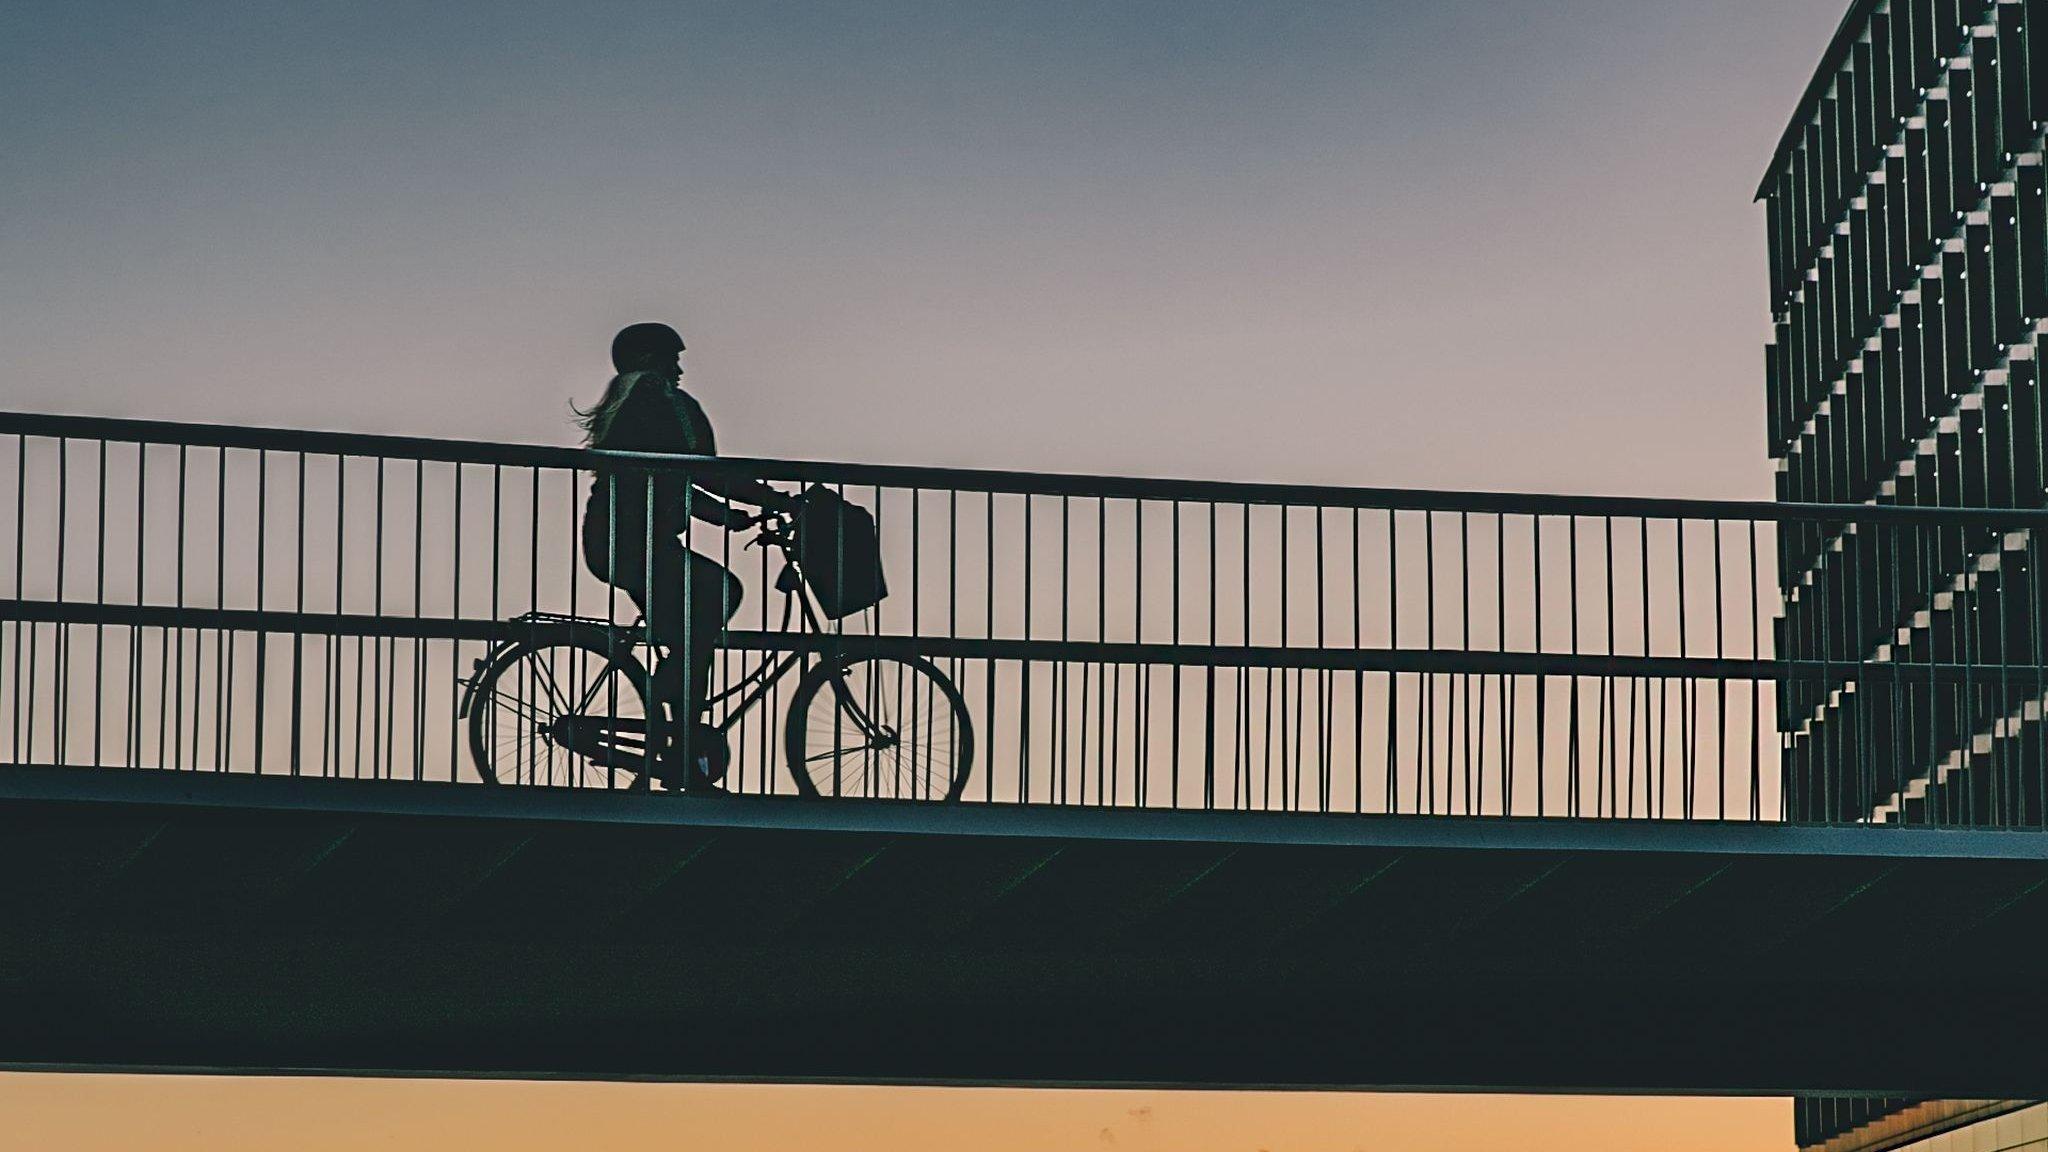 Das Bild zeigt die so genannte Fahrradschlange (auf EnglischCykelslangen, The Bicycle Snake). Das ist eine Brücke, die so konzipiert wurde, dass einzelne Teile der Stadt Kopenhagen für Fahrradfahrer und Fußgänger schneller miteinander verbunden werden. Autofahrer dürfen hier nicht drüber fahren.  http://www.visitcopenhagen.com/copenhagen/sightseeing/bike-city-copenhagen